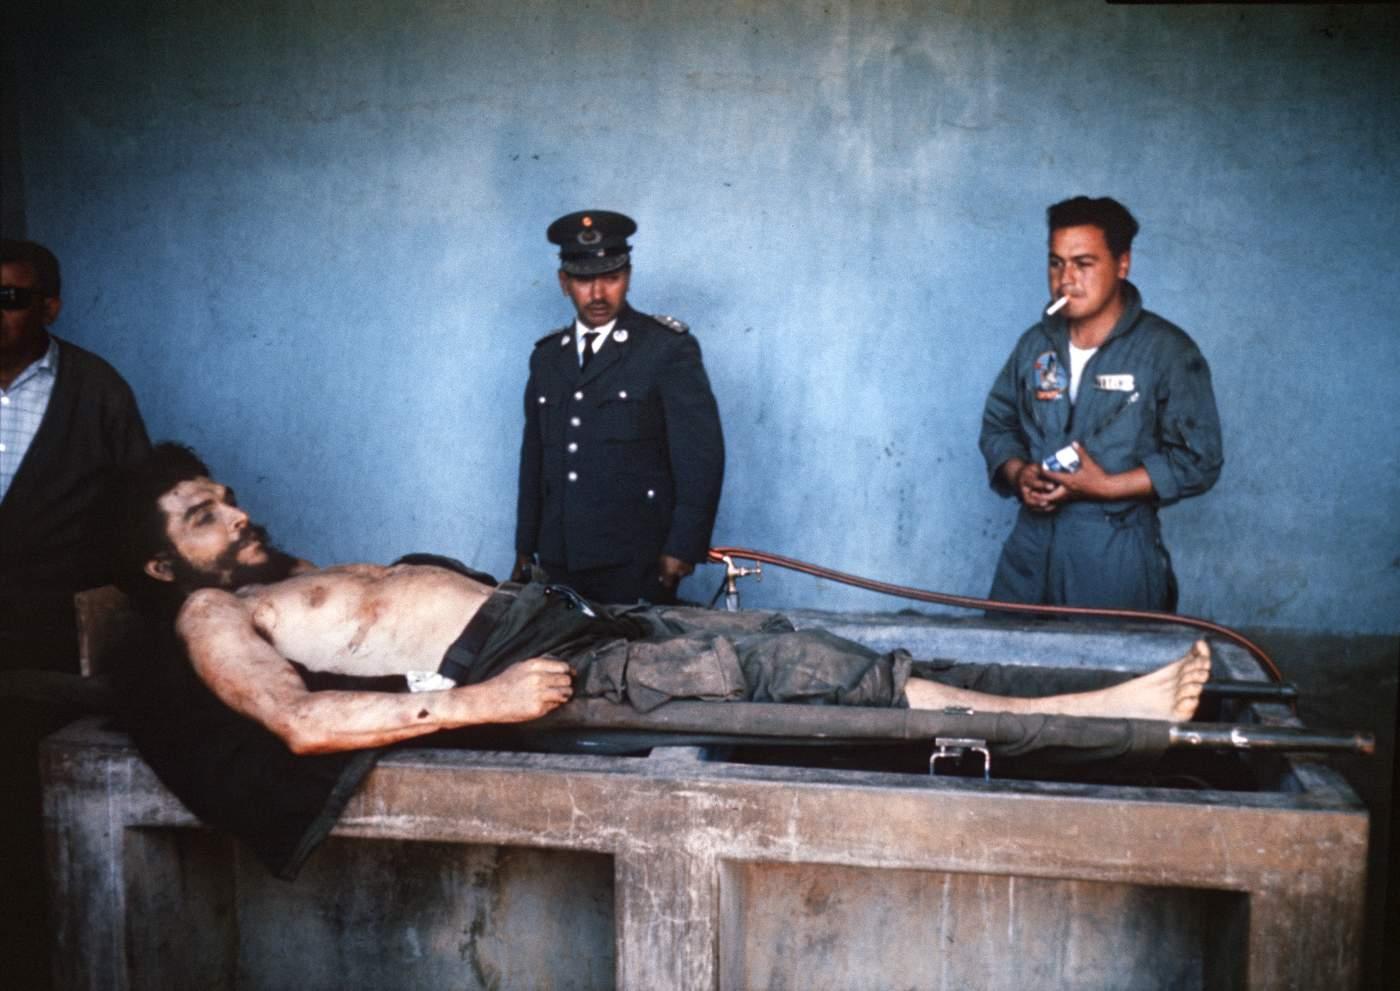 El cuerpo de Ernesto Che Guevara es expuesto en la escuela del caserío de La Higuera, en la provincia boliviana de Vallegrande. Su cadáver es enterrado junto a los de otros guerrilleros en una fosa común cercana, descubierta sólo en 1997. (MARC HUTTEN\/AFP\/Getty Images)